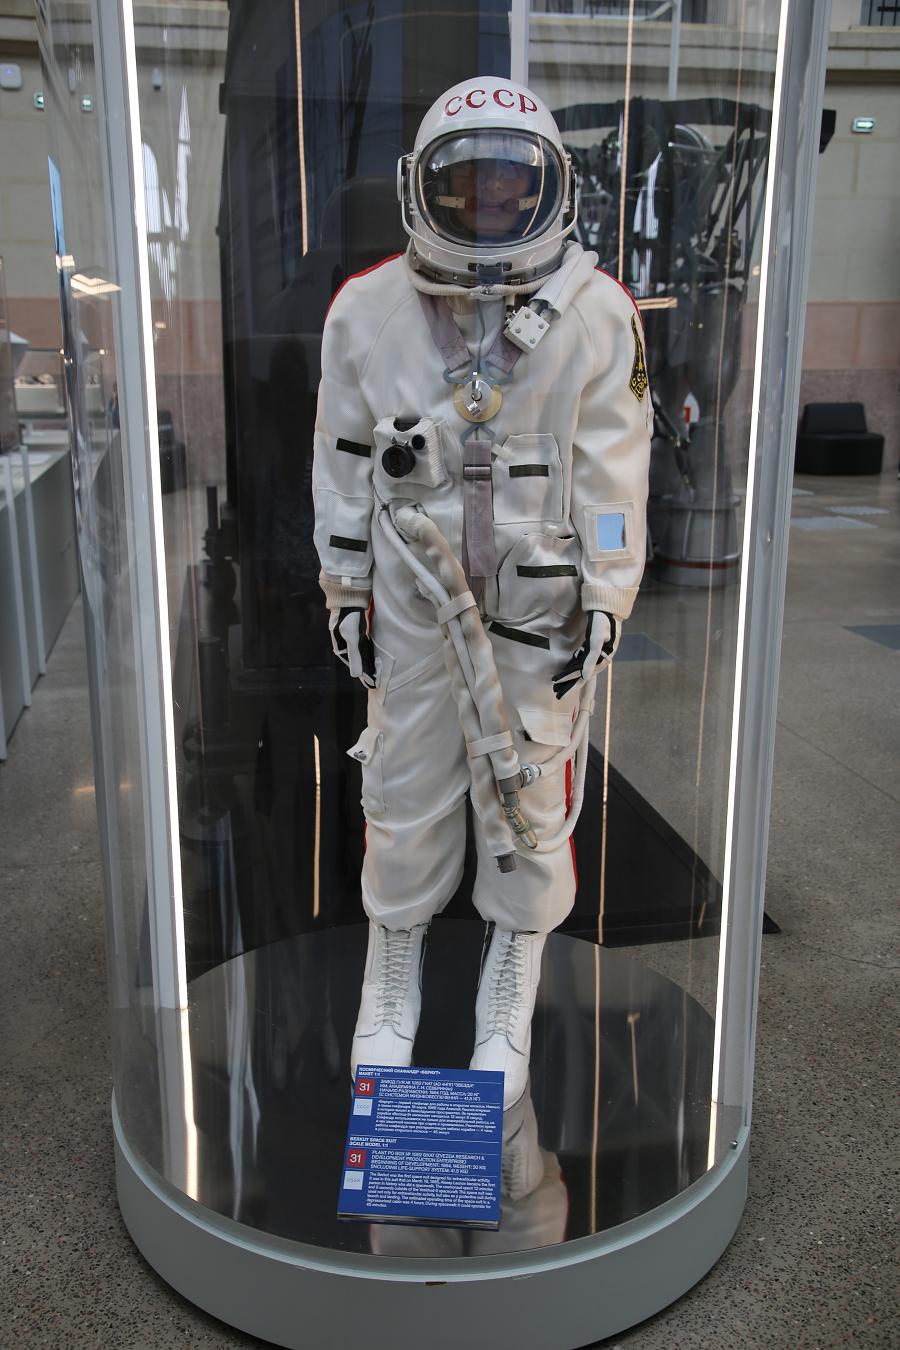 Berkut : combinaison spatiale. Fabriquée dans la fabrique NPP Zvezda en 1964 (URSS)_Combinaison spatiale faite par Berkut. Alexei Leonov est le premier homme à avoir réalisé une sortie extravéhiculaire dans l'espace dans le cadre de mission Voskhod 2, en 1965